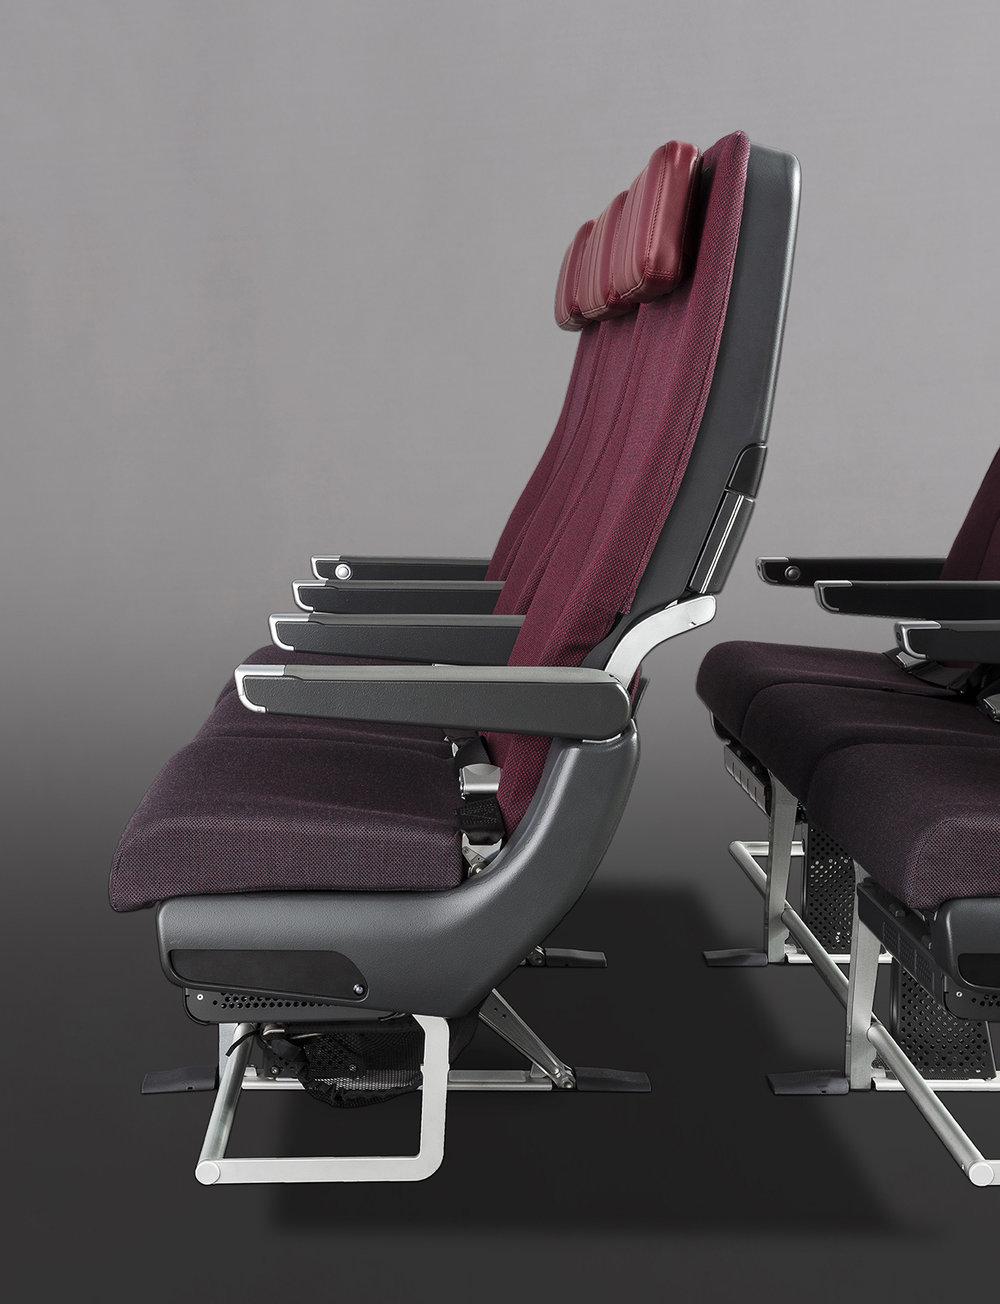 Caon_QF Seats_0A8A7764_DE_v3.jpg